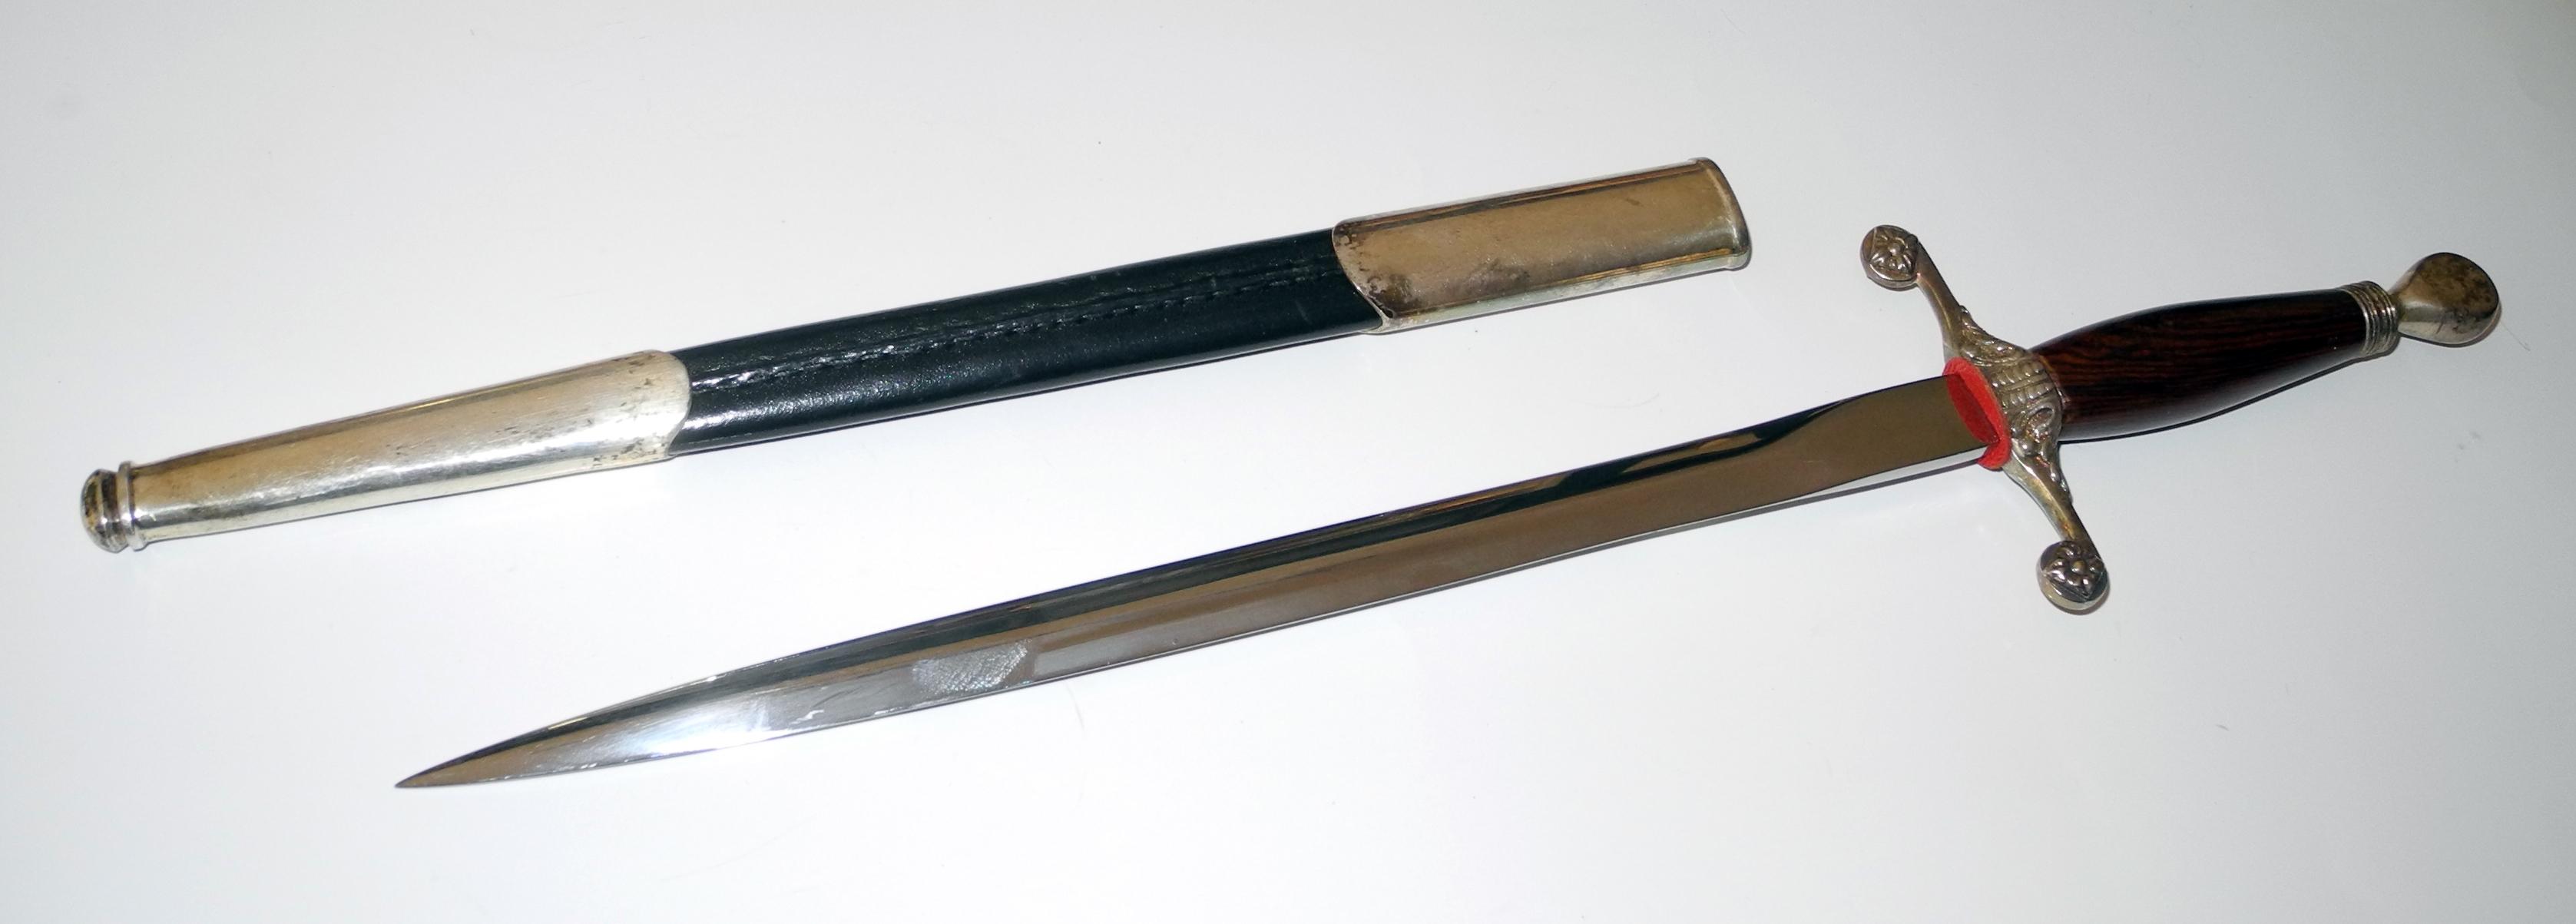 RAF commemorative dagger